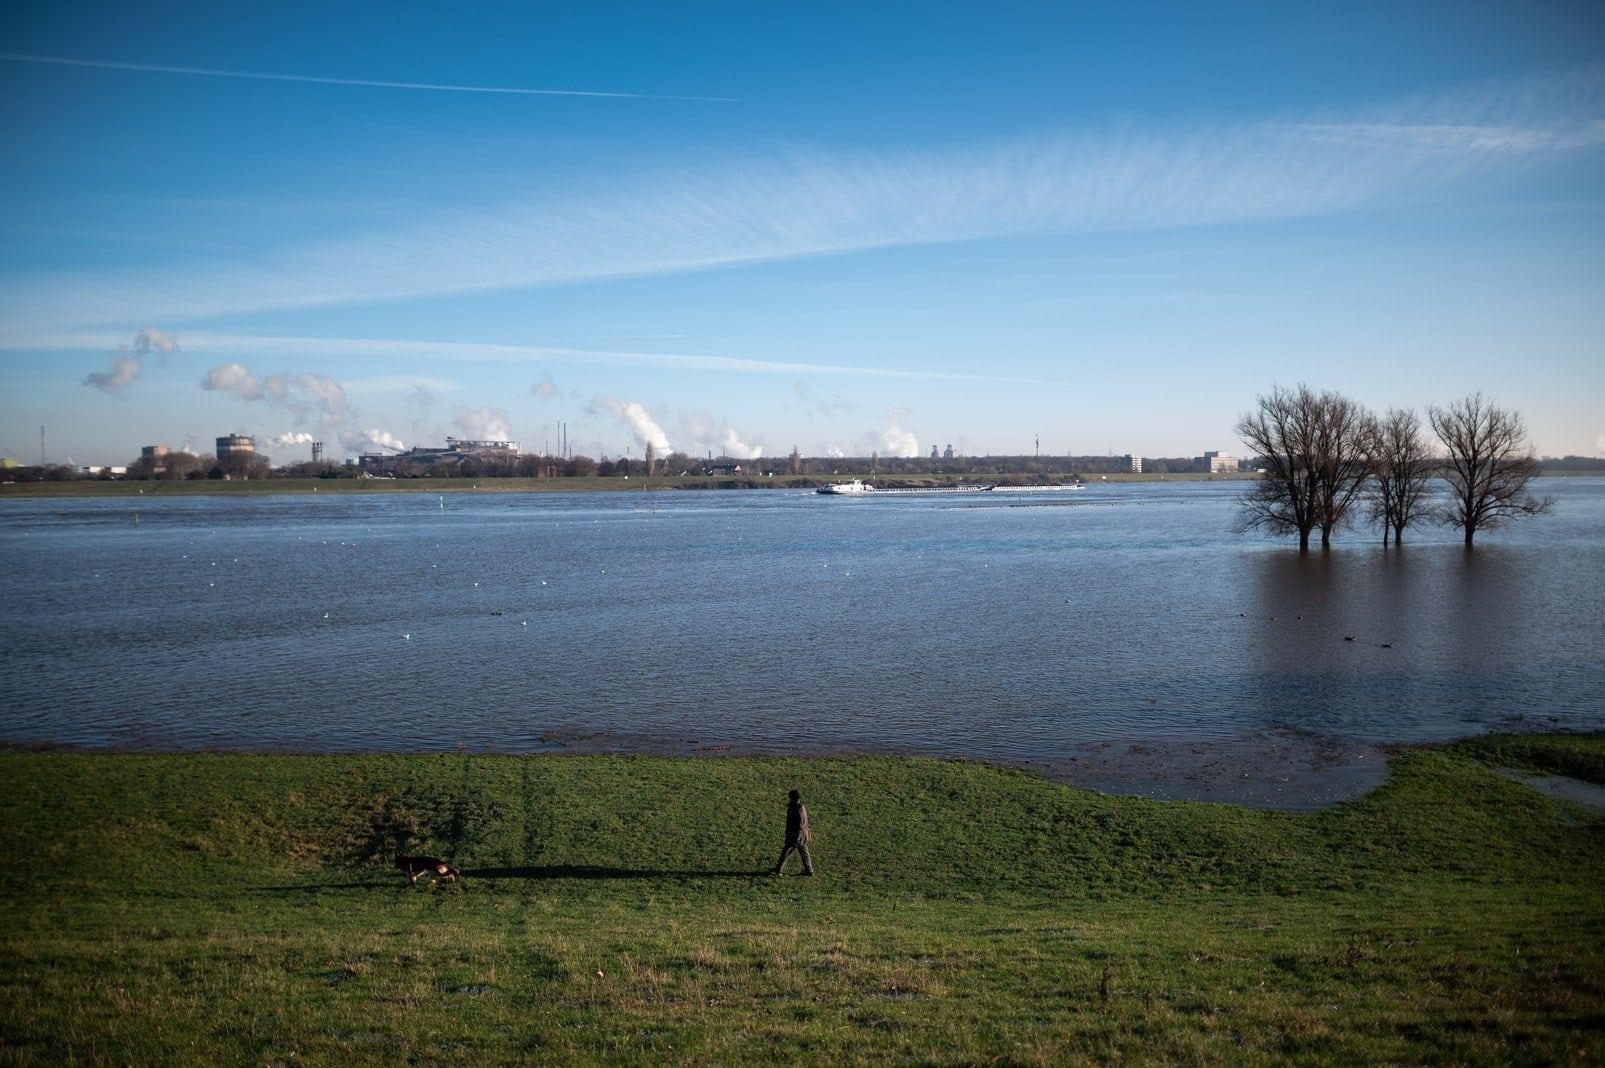 Hochwasser am Rhein Duisburg